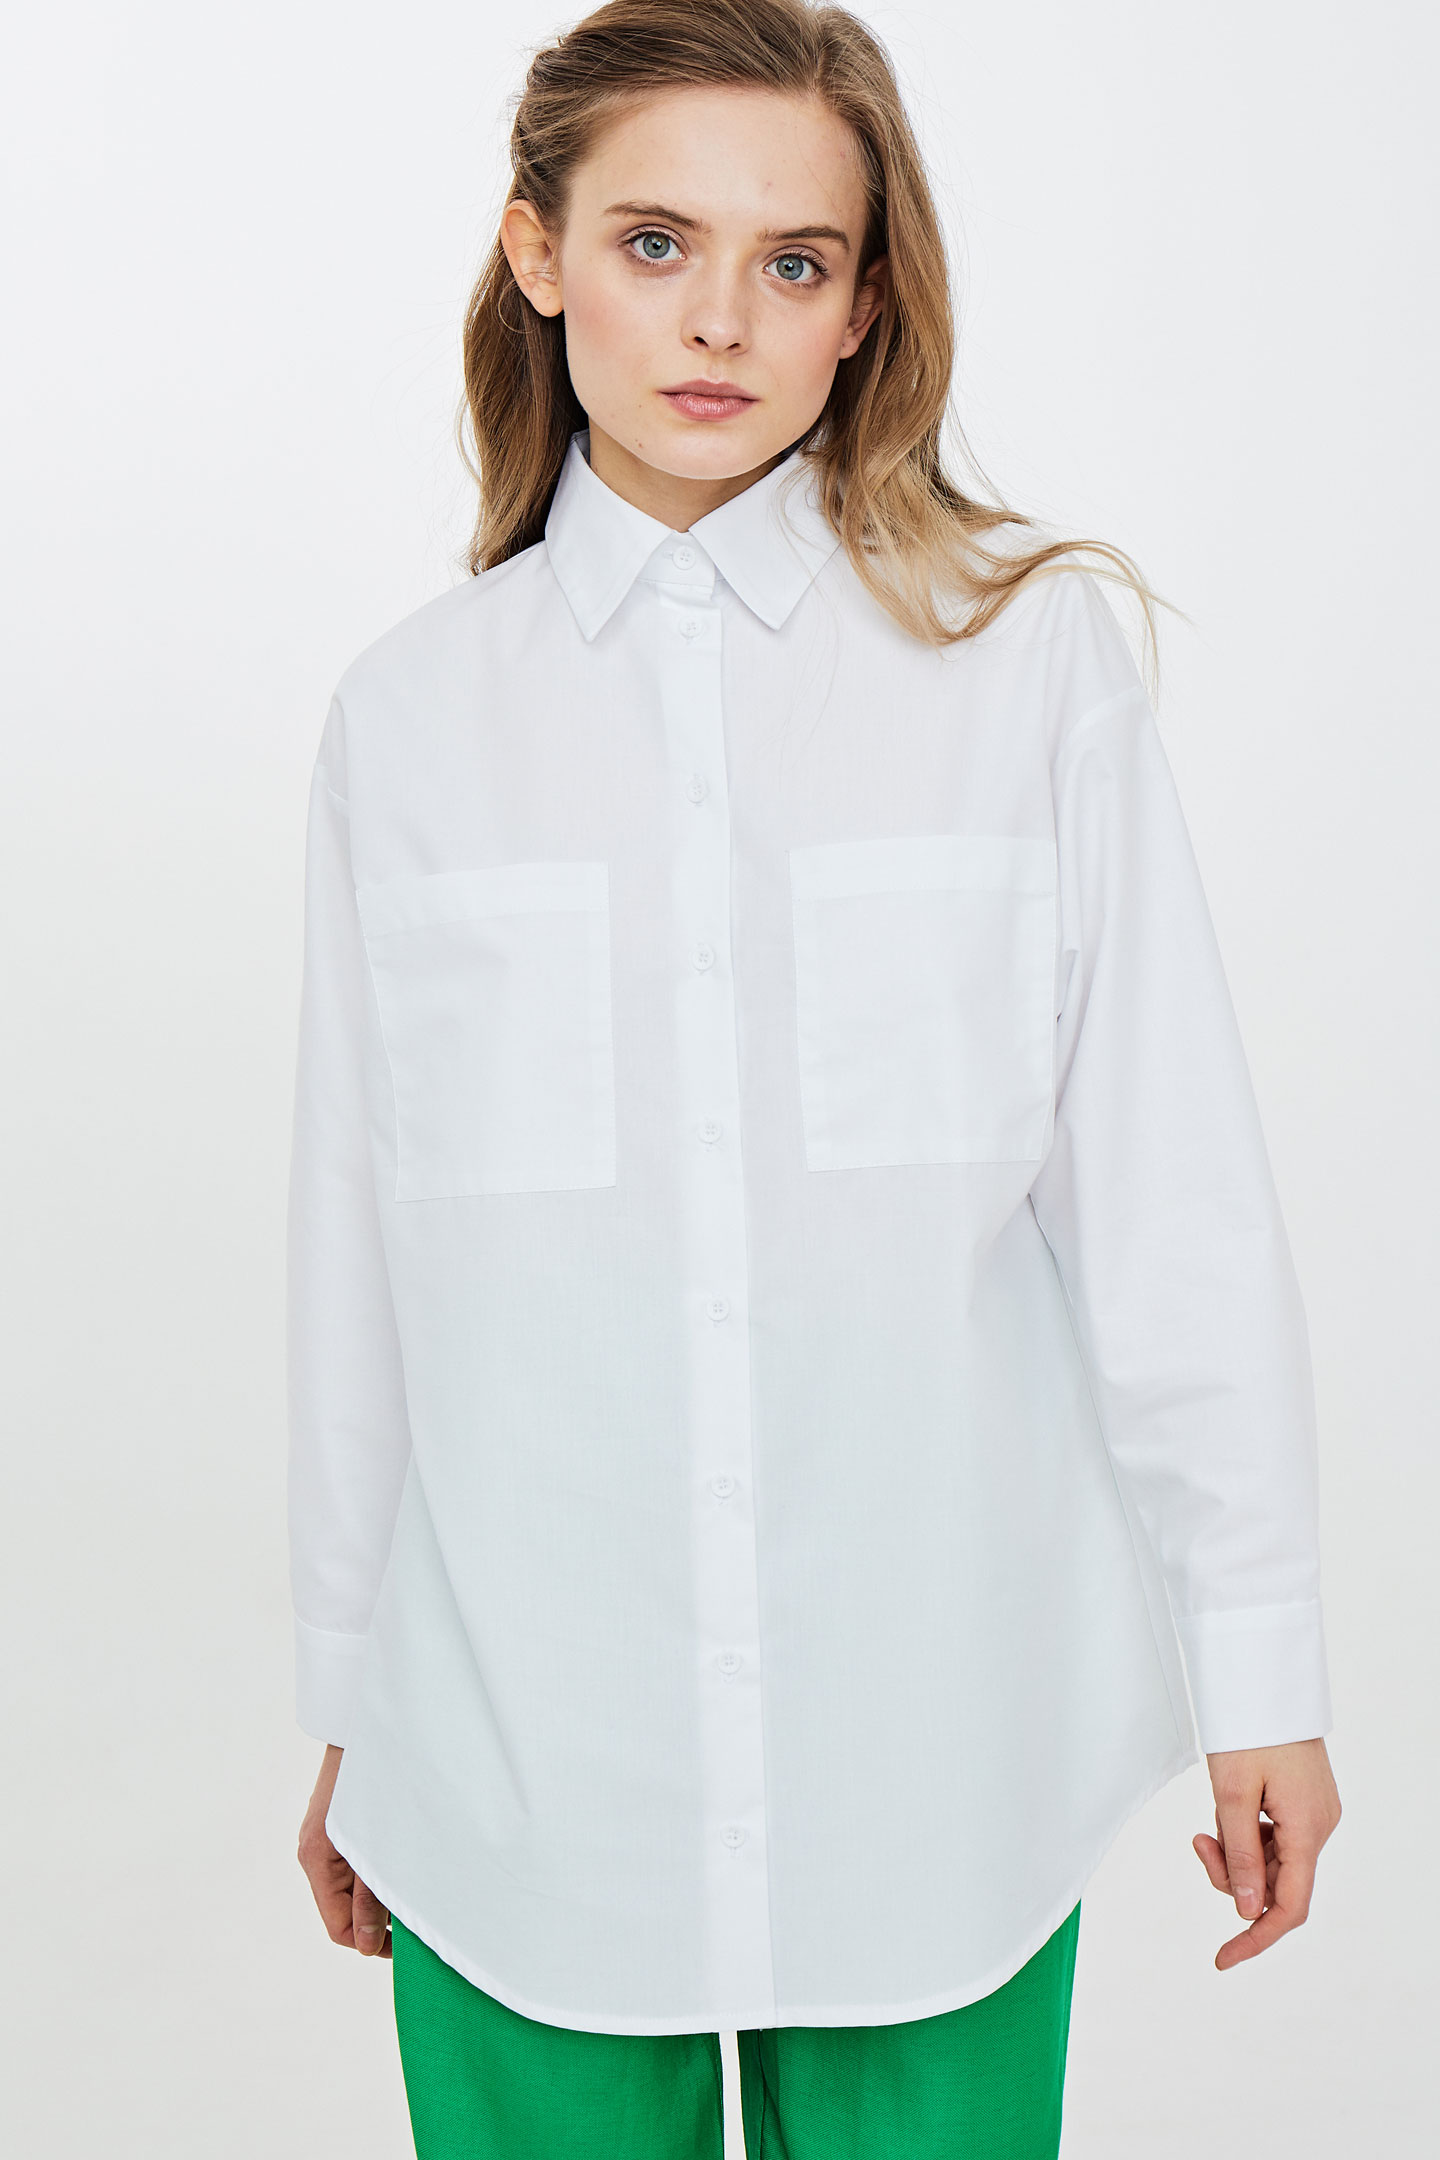 f590290cb Интернет-магазин модной одежды для женщин Click-Boutique